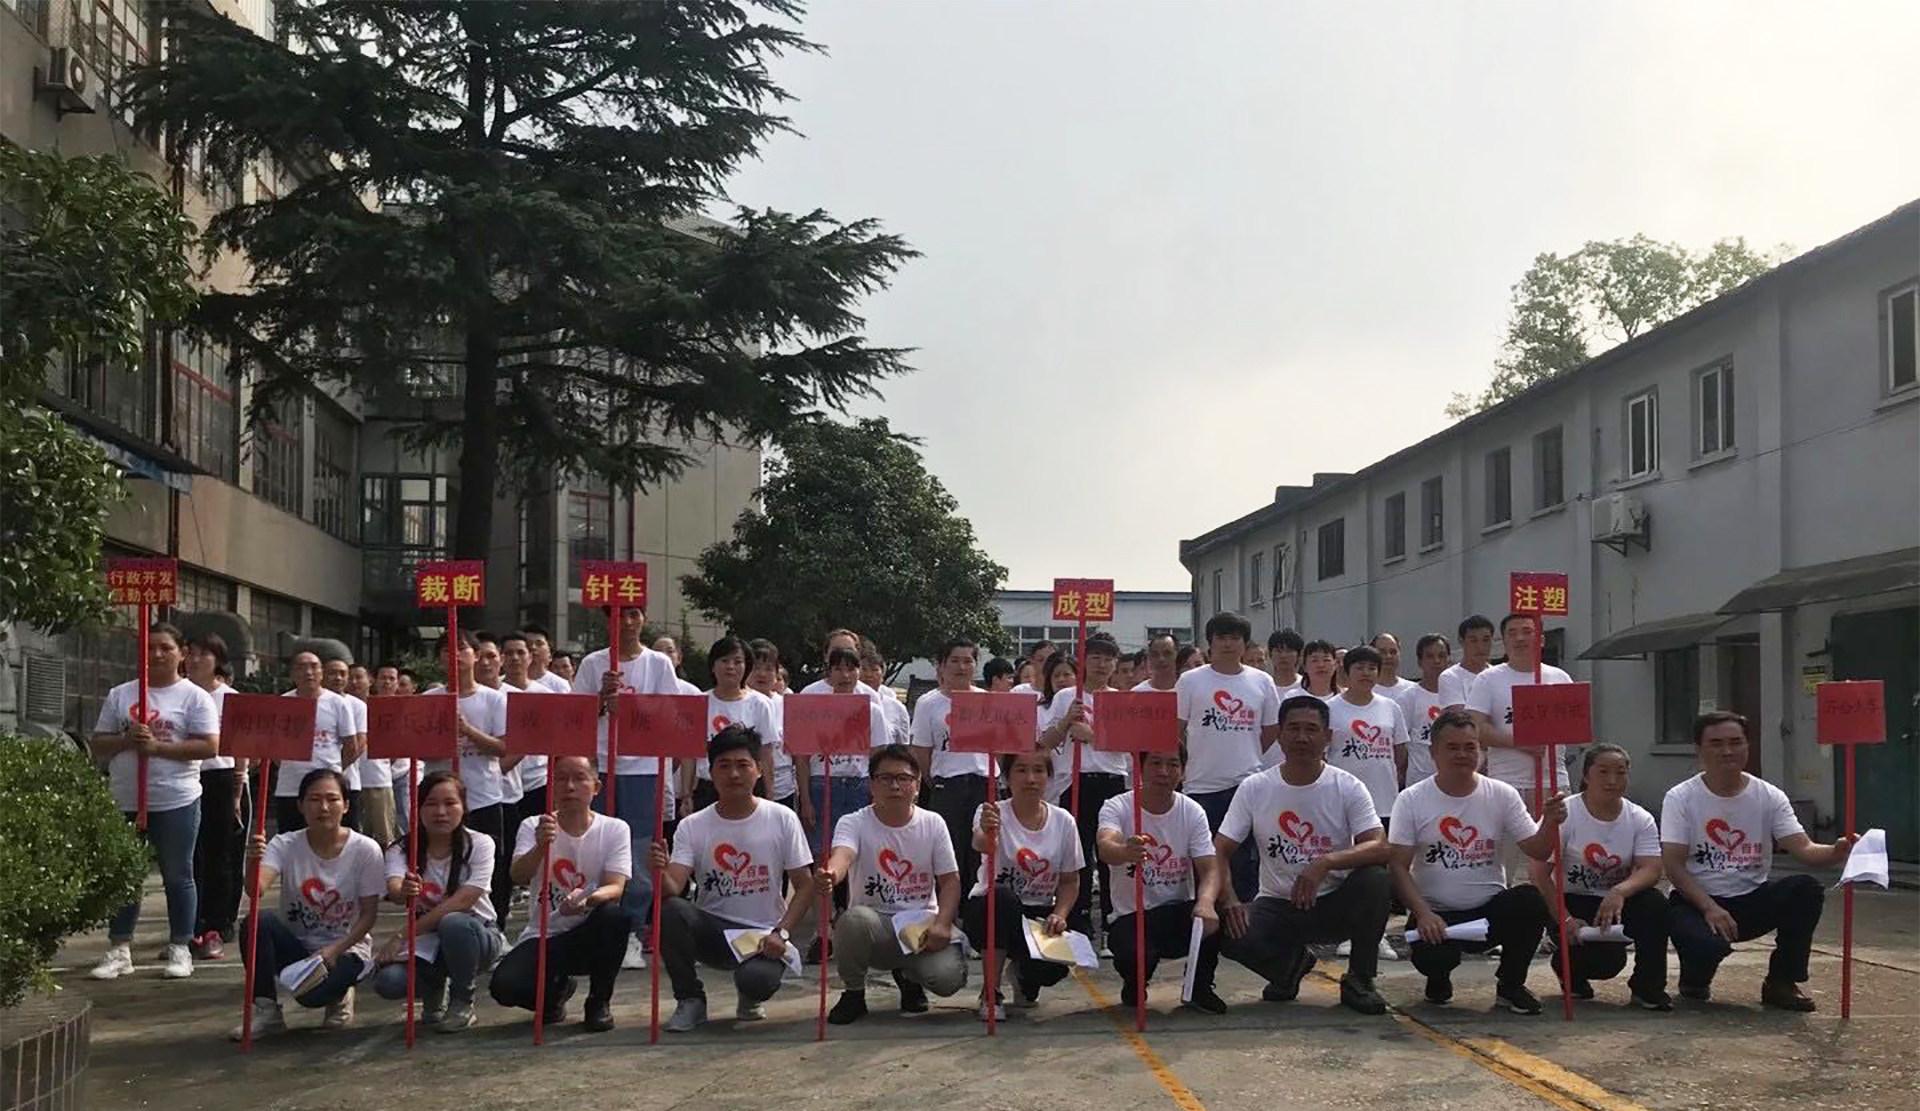 上海百集鞋业有限公司举办员工趣味运动会